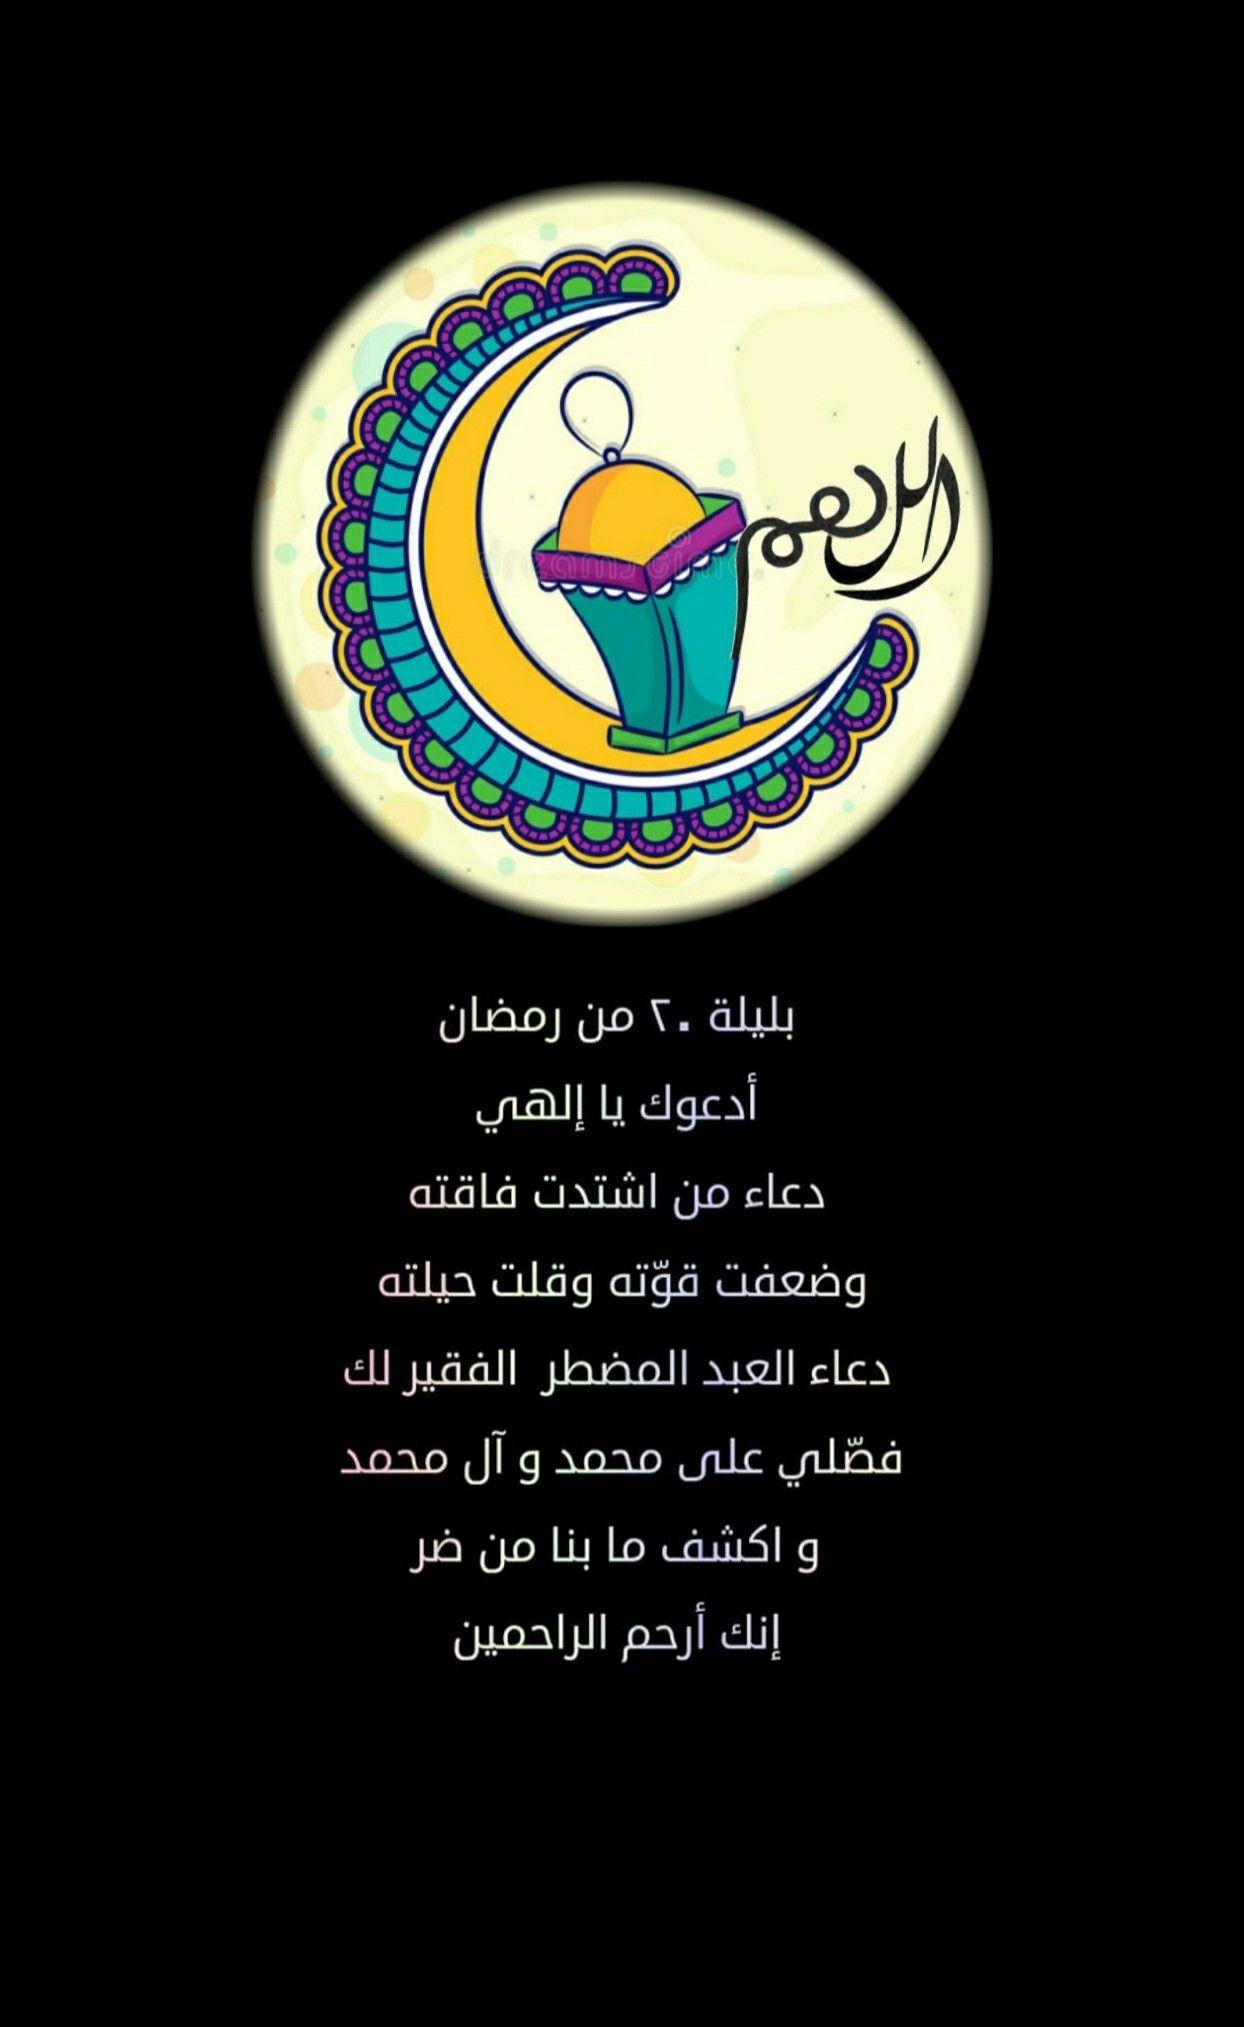 اللهــــم بليلة ٢٠ من رمضان أدعوك يا إلهي دعاء من اشتدت فاقته وضعفت قو ته وقلت حيلته دعاء العبد المضطر الفقير لك فص Ramadan Ramadan Cards Ramadan Greetings